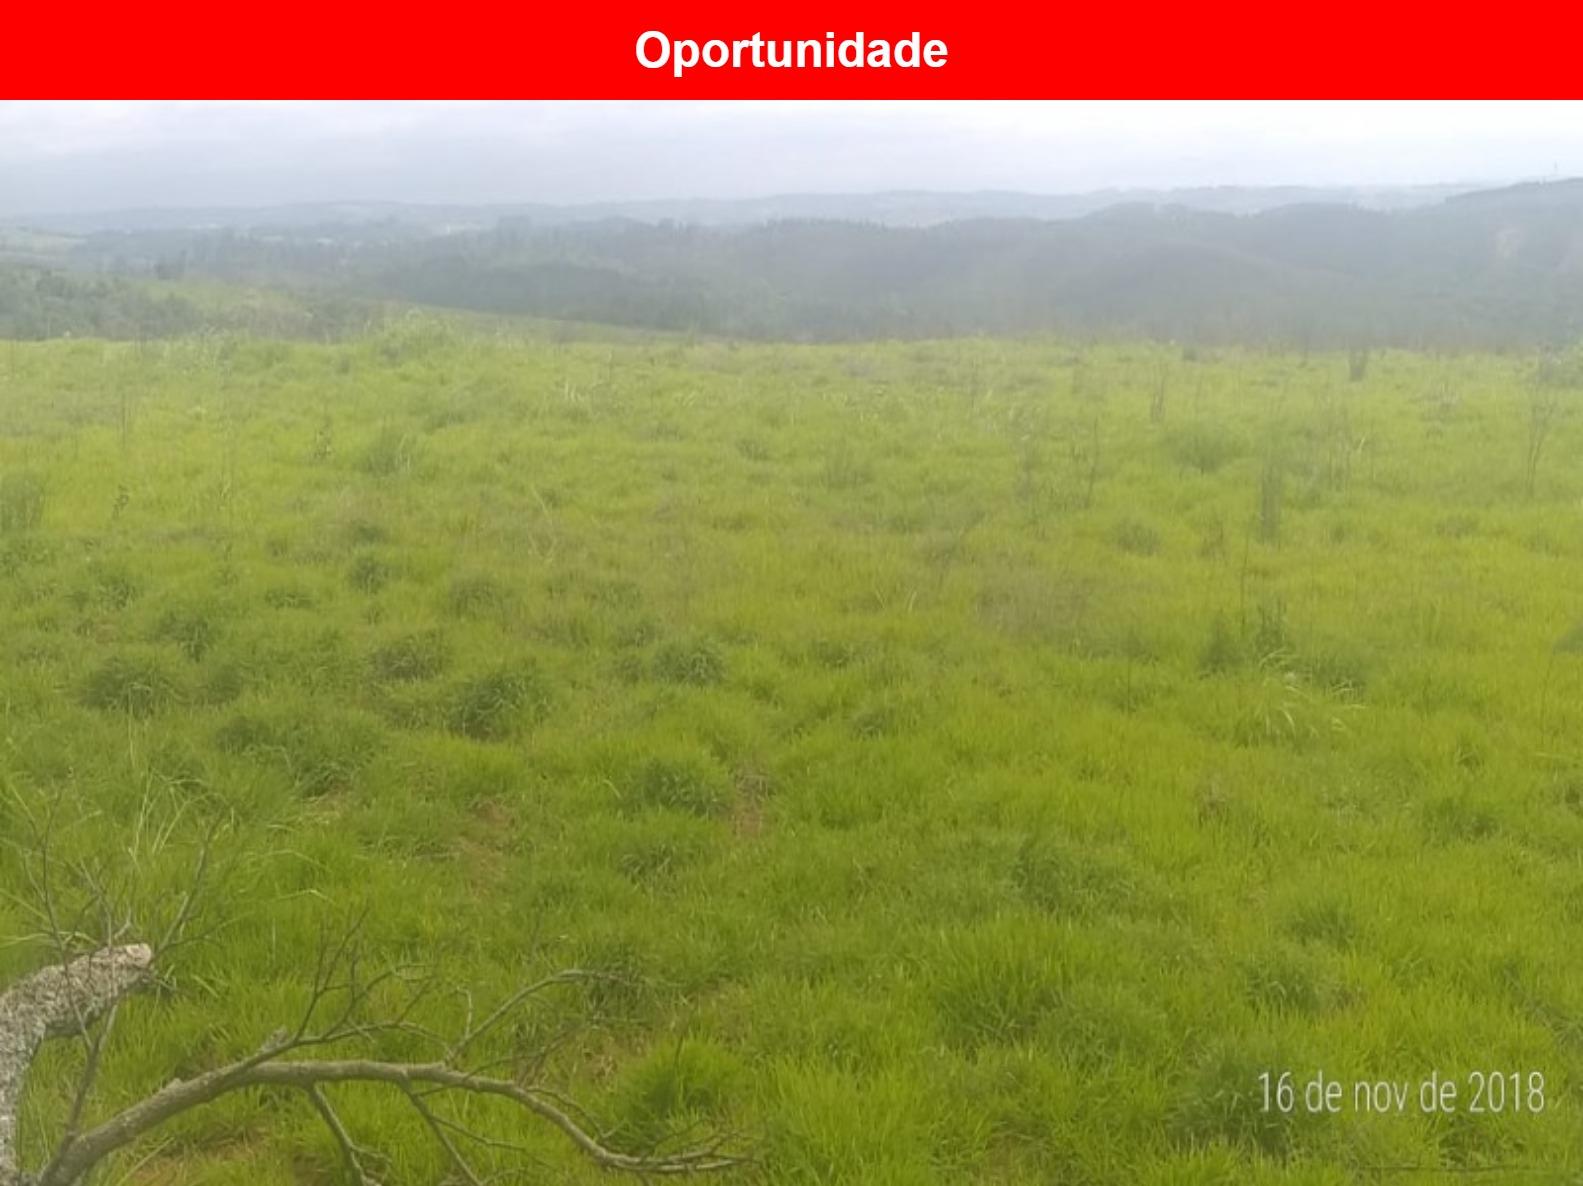 Terreno a venda no Bairro Dos Morros, Votorantim - SP